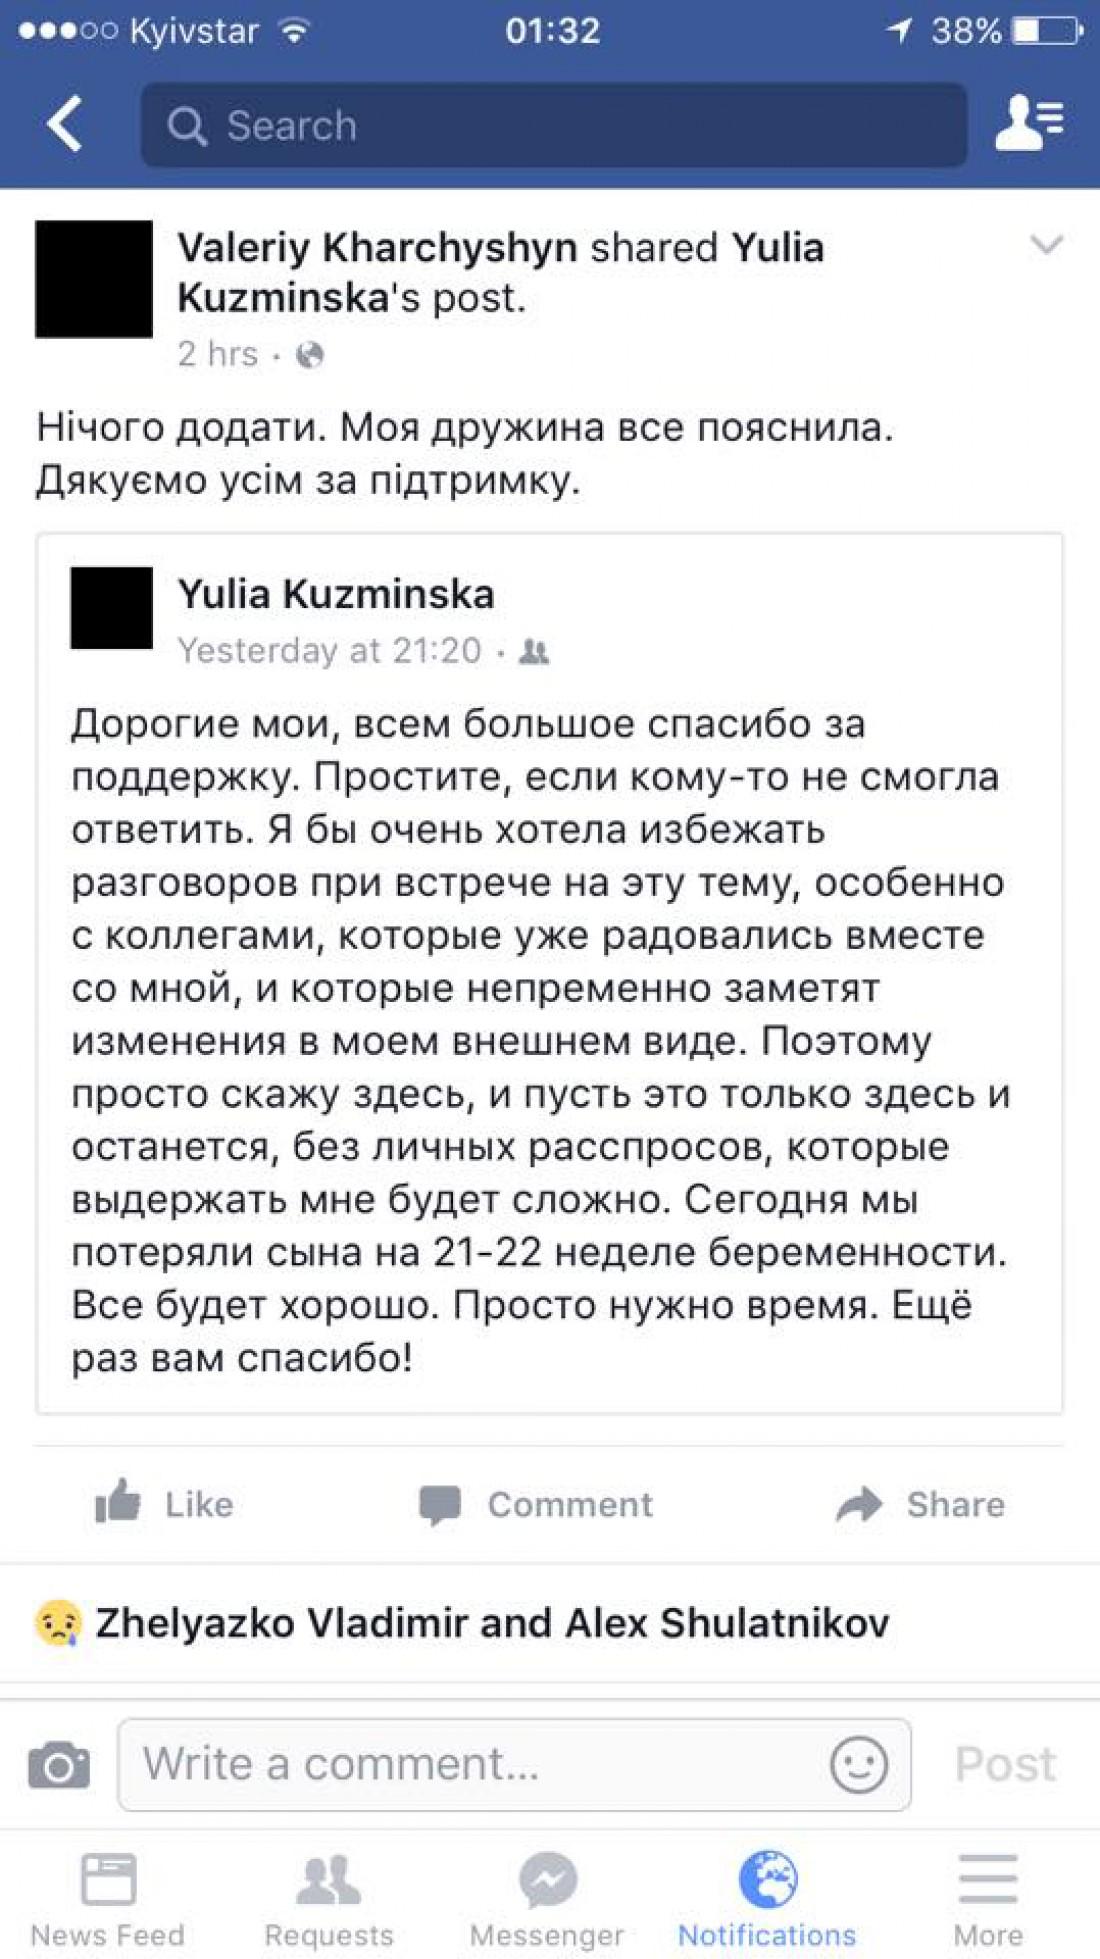 Сообщение Юлии